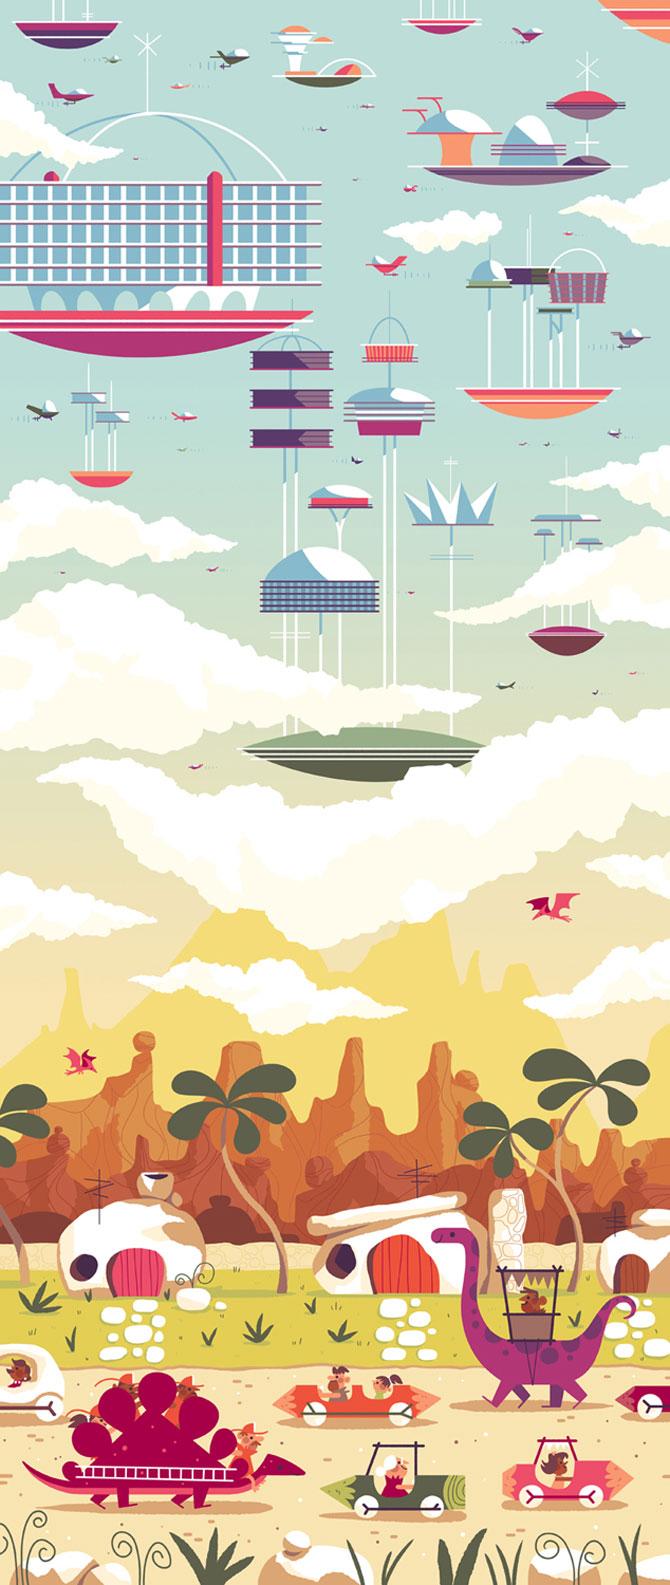 Desene animate in postere de Andrew Kolb - Poza 1